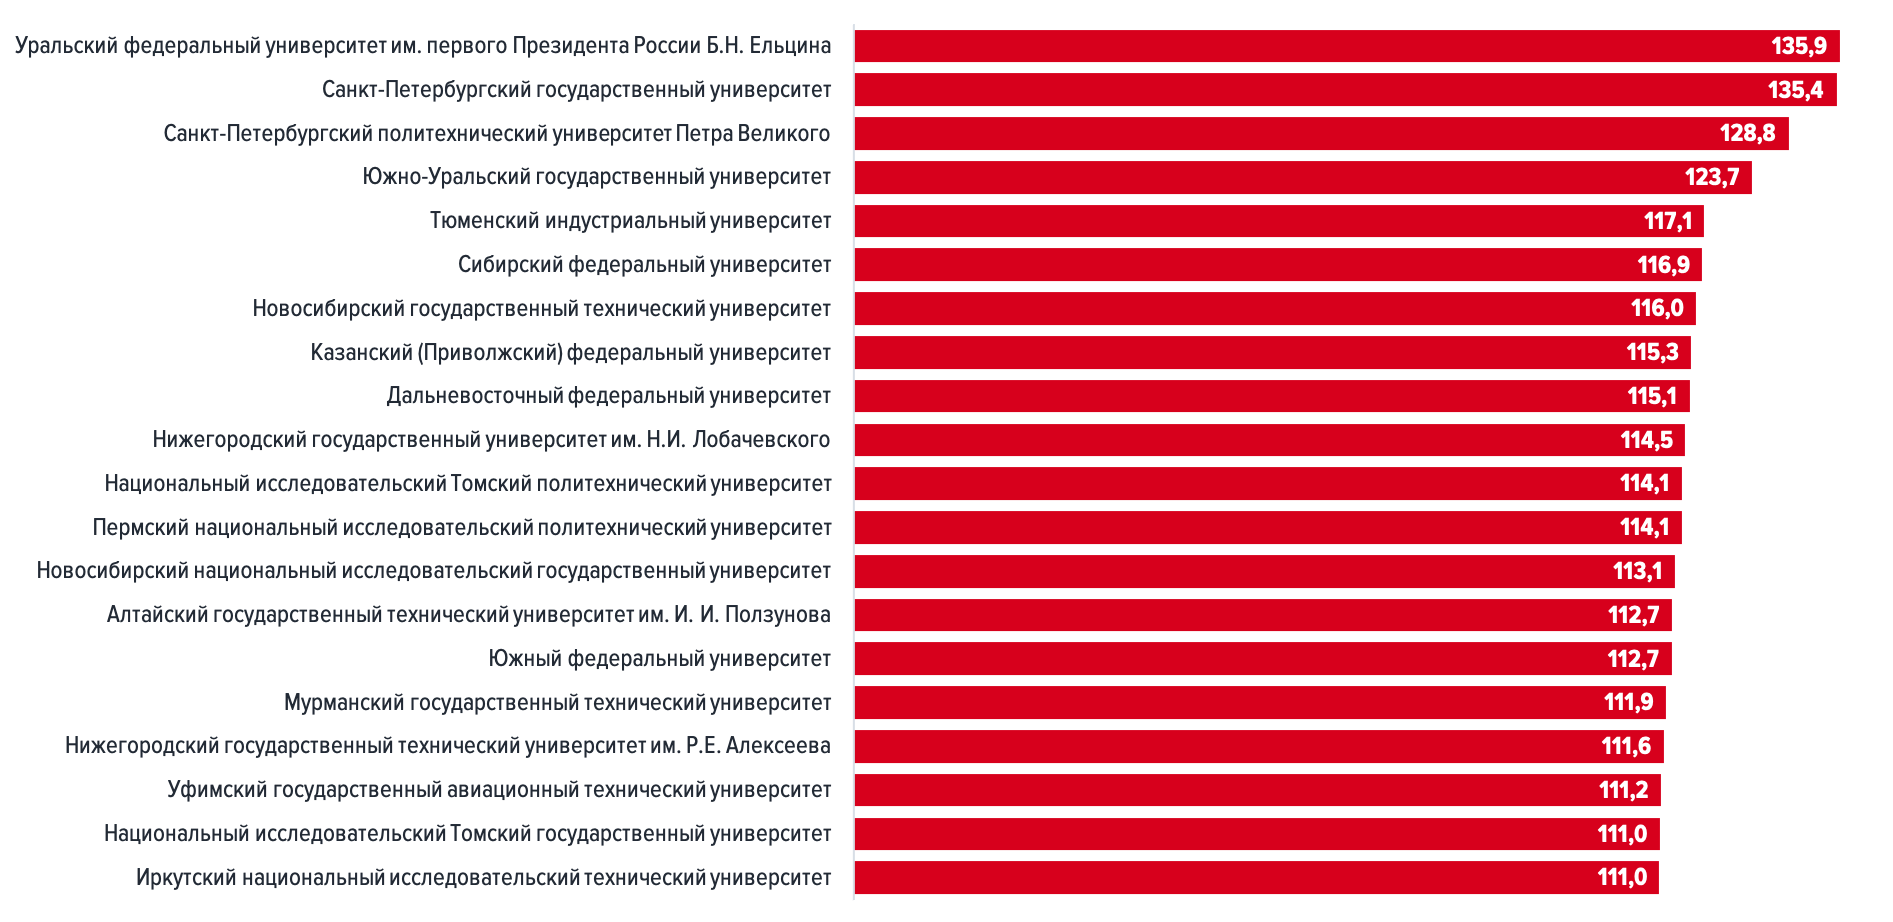 Рейтинг лучших российских вузов по версии hh.ru